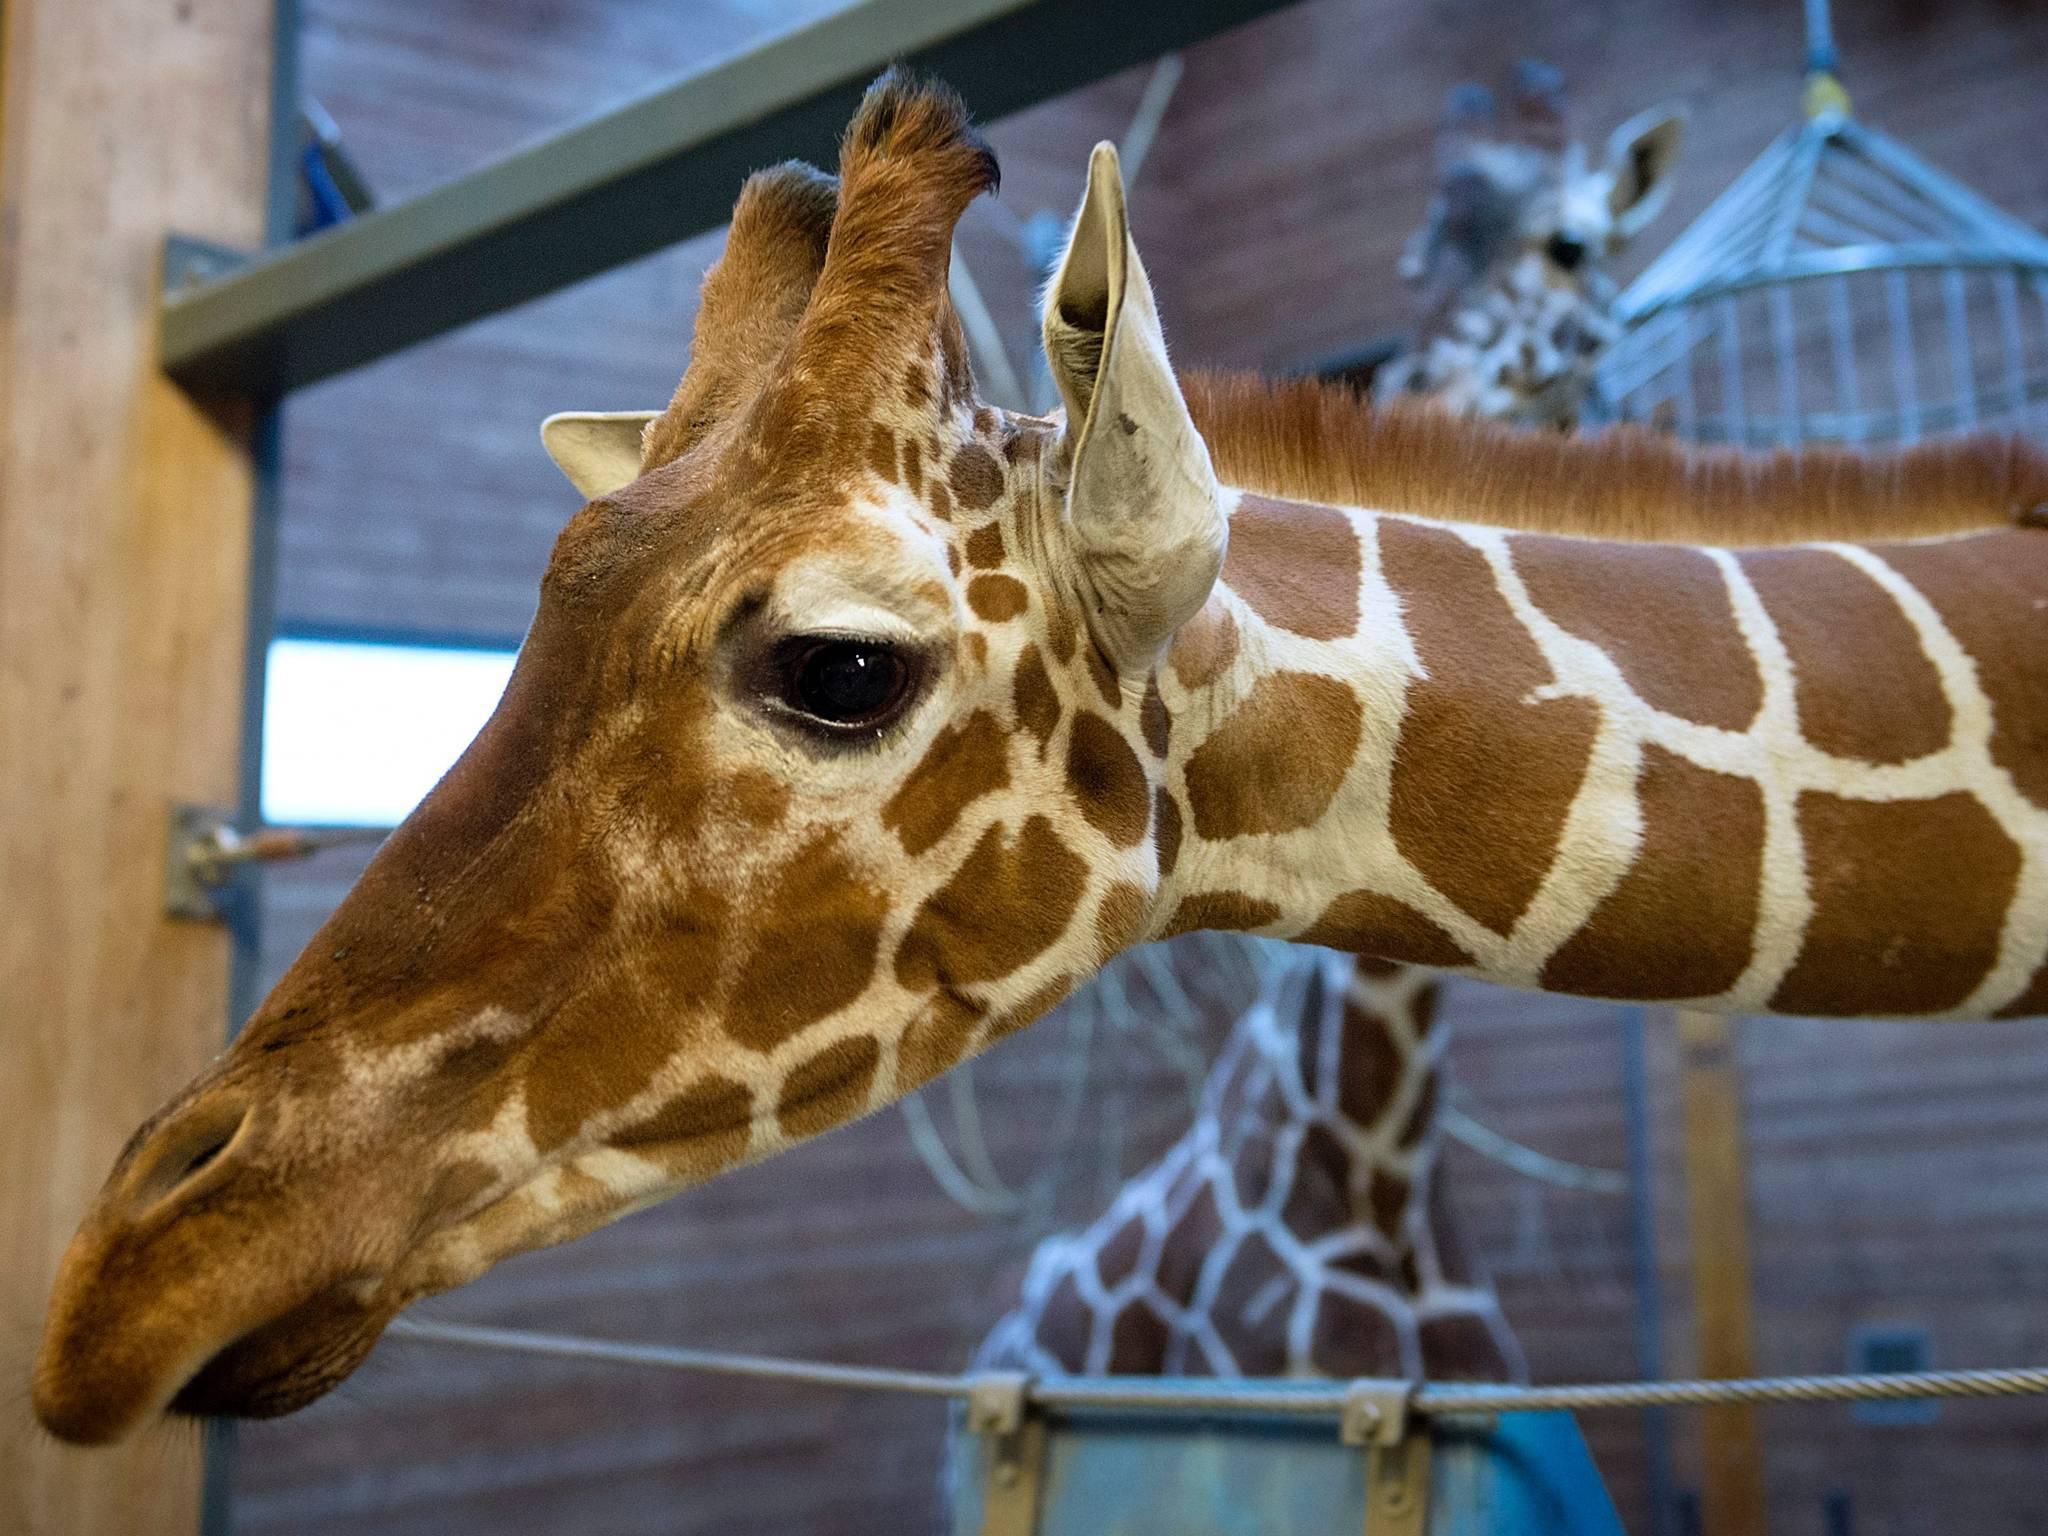 copenhagen zoo giraffe controversy